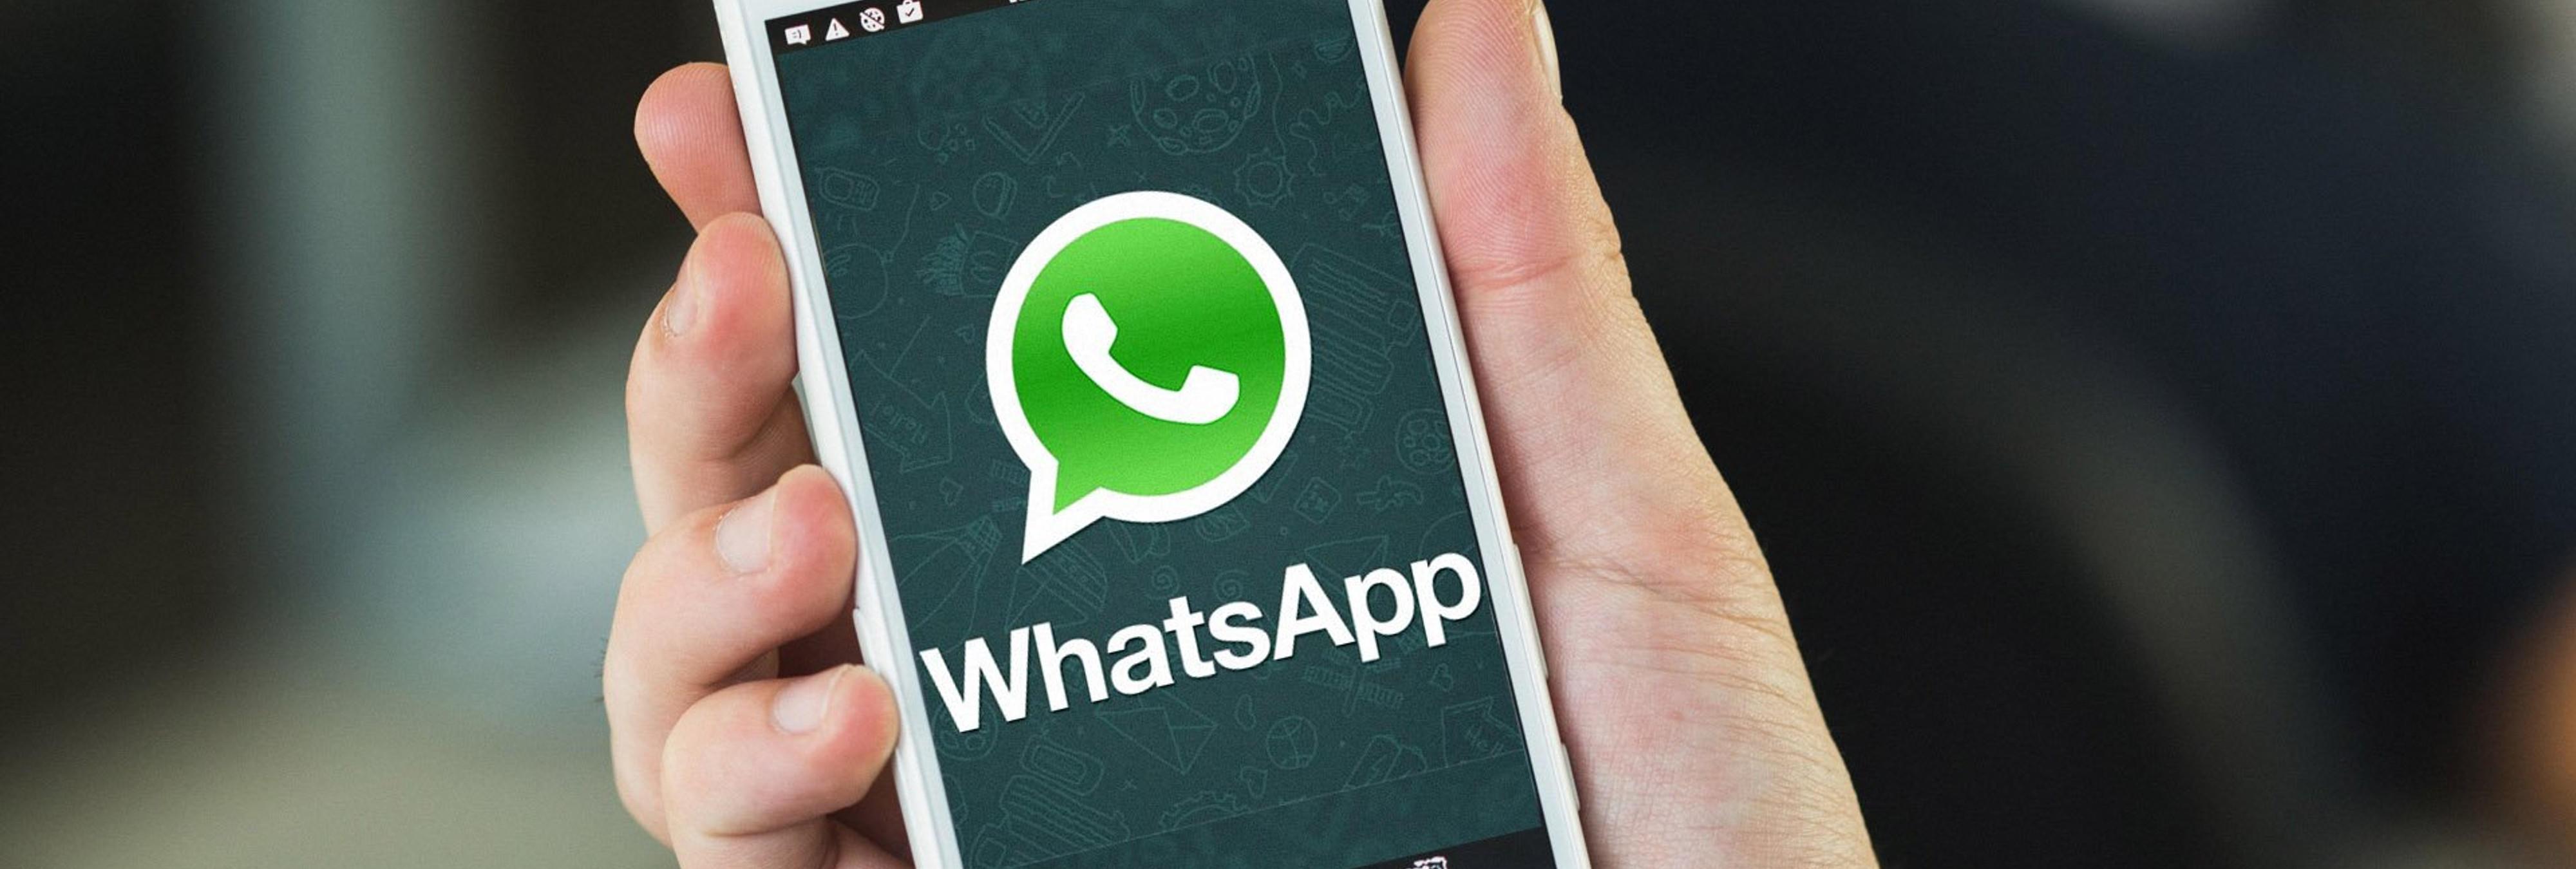 WhatsApp quiere incluir anuncios en la aplicación, y ya está haciendo pruebas